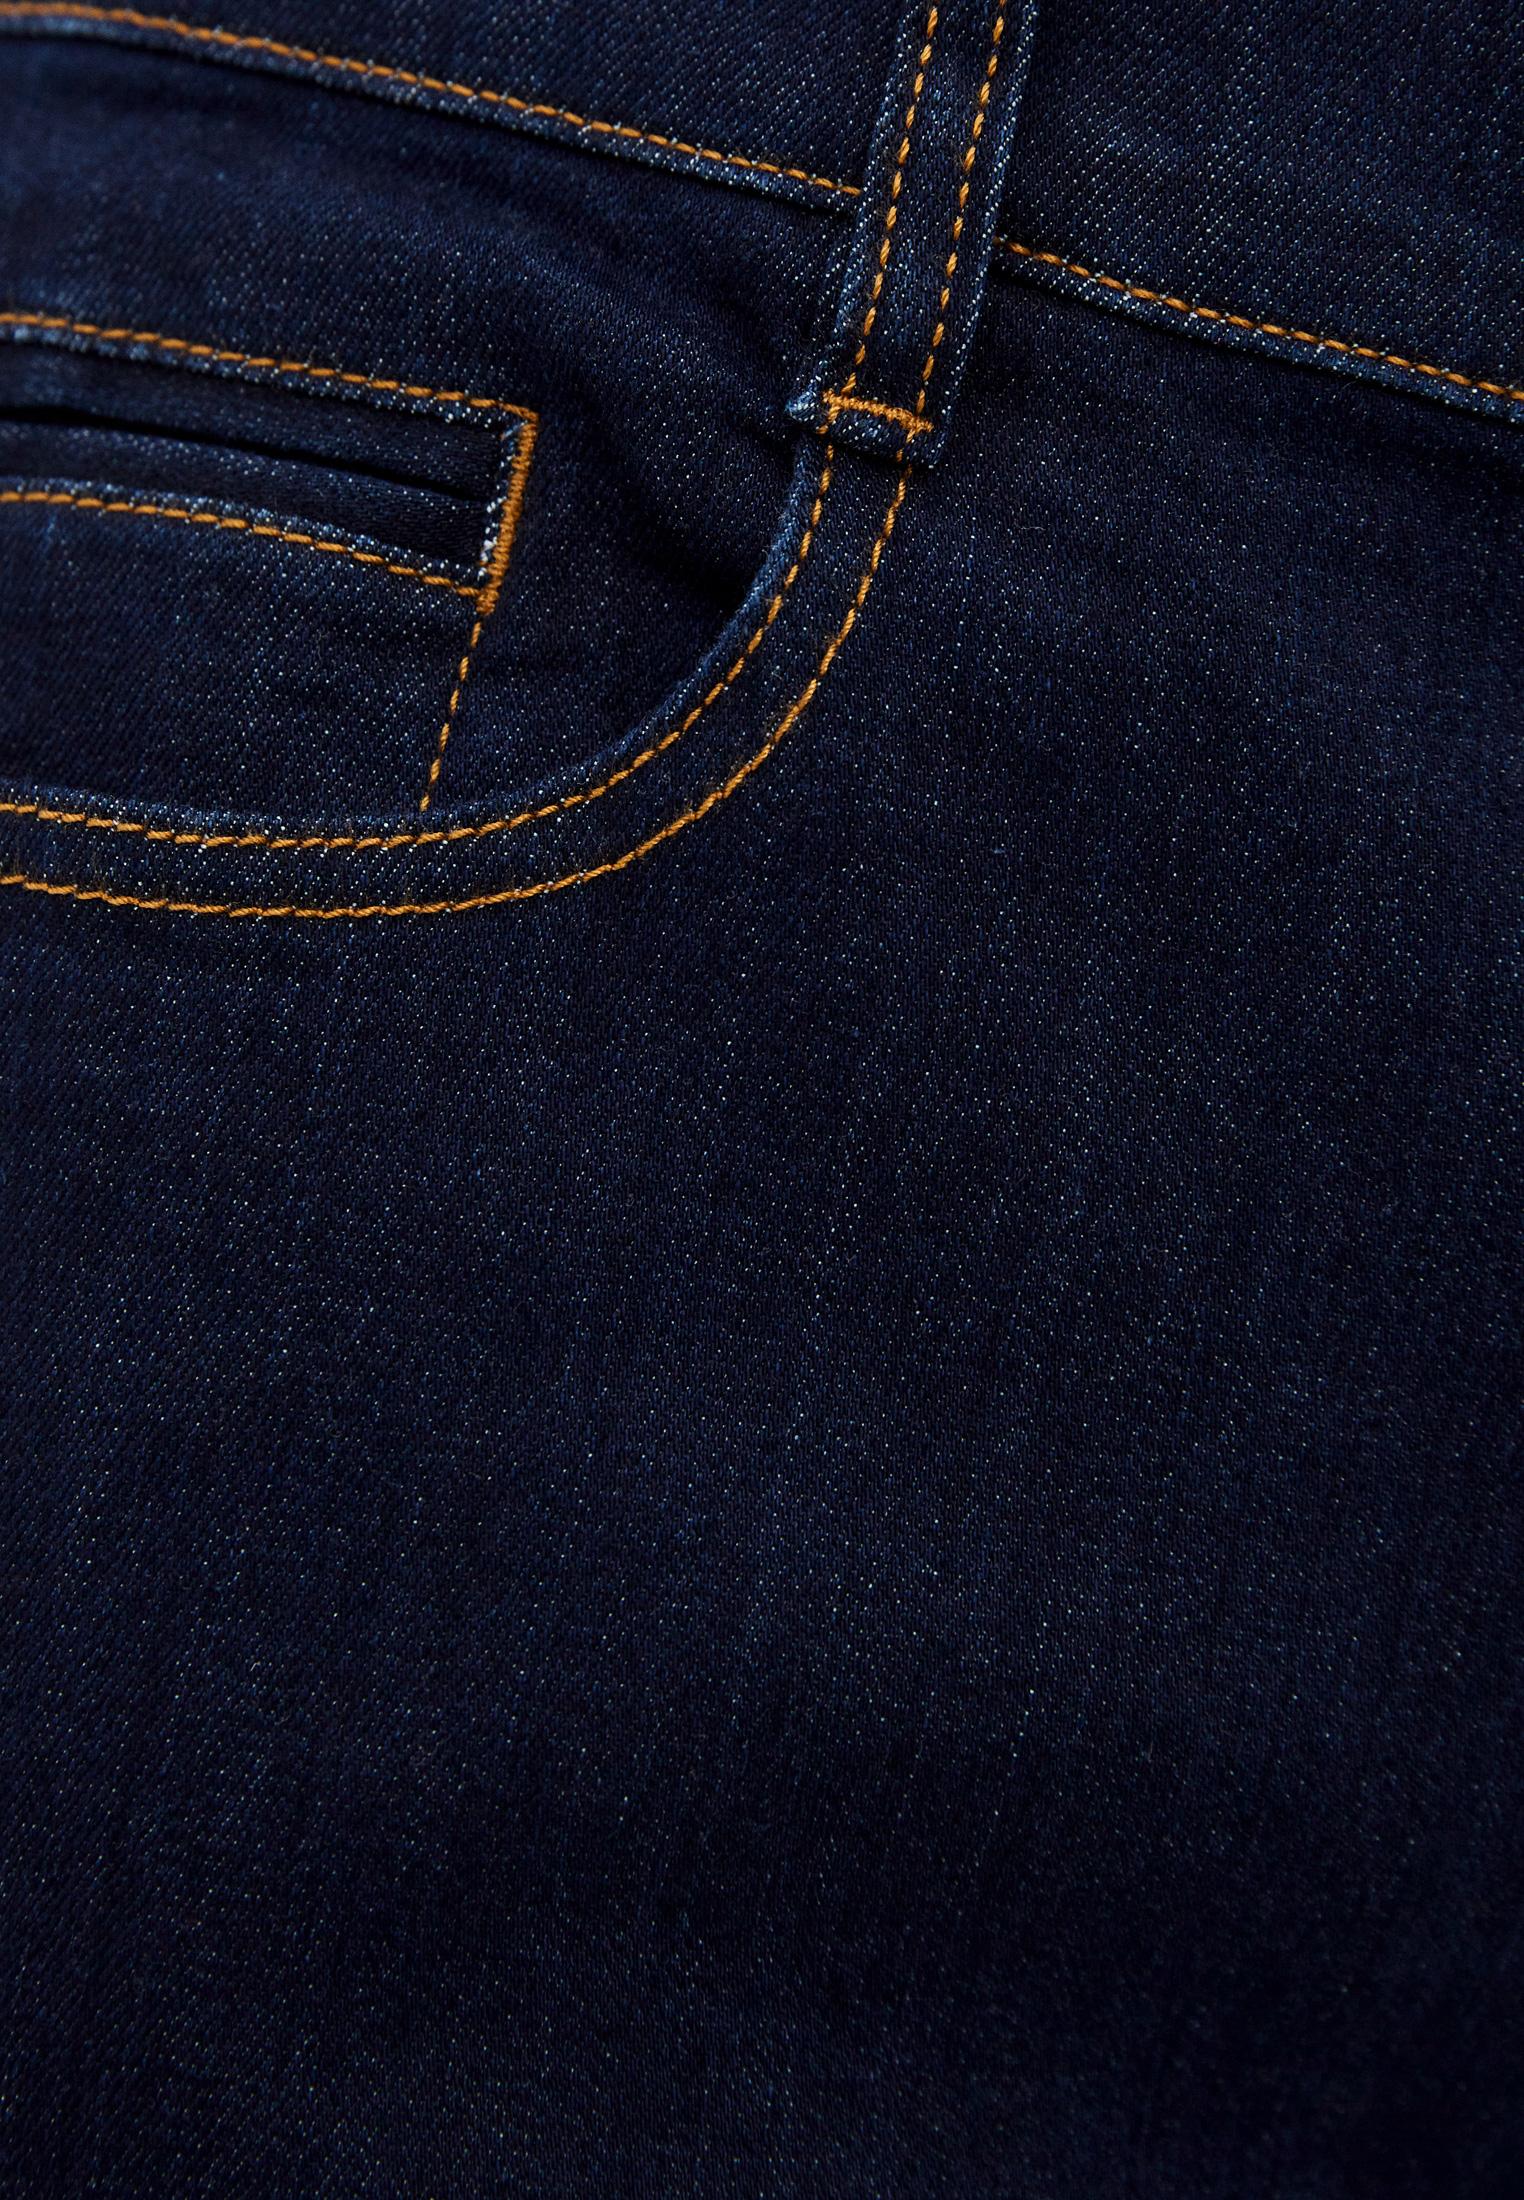 Мужские прямые джинсы Bikkembergs (Биккембергс) C Q 102 00 S 3181: изображение 5